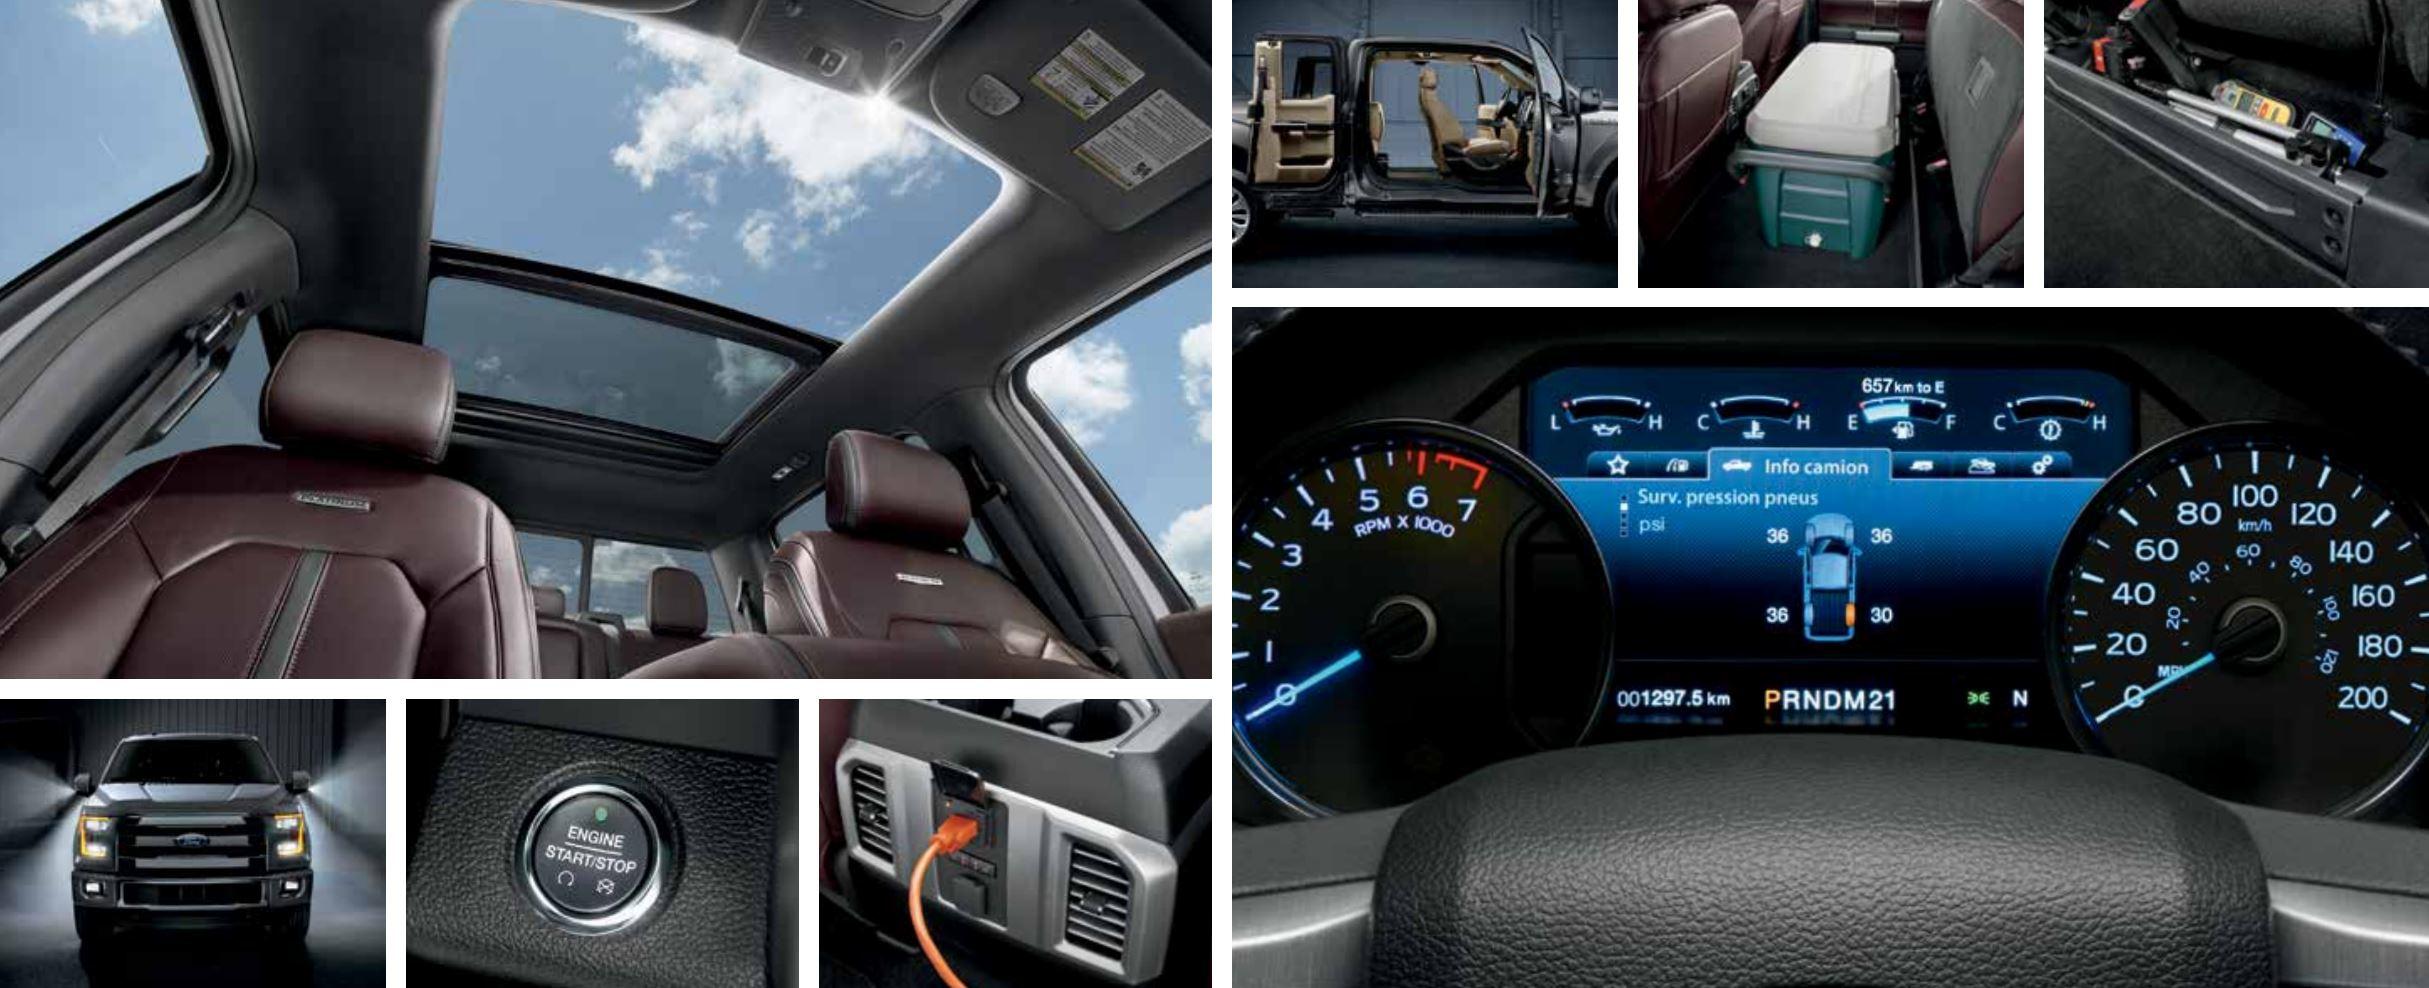 f 150 ford truck interior kanata ottawa